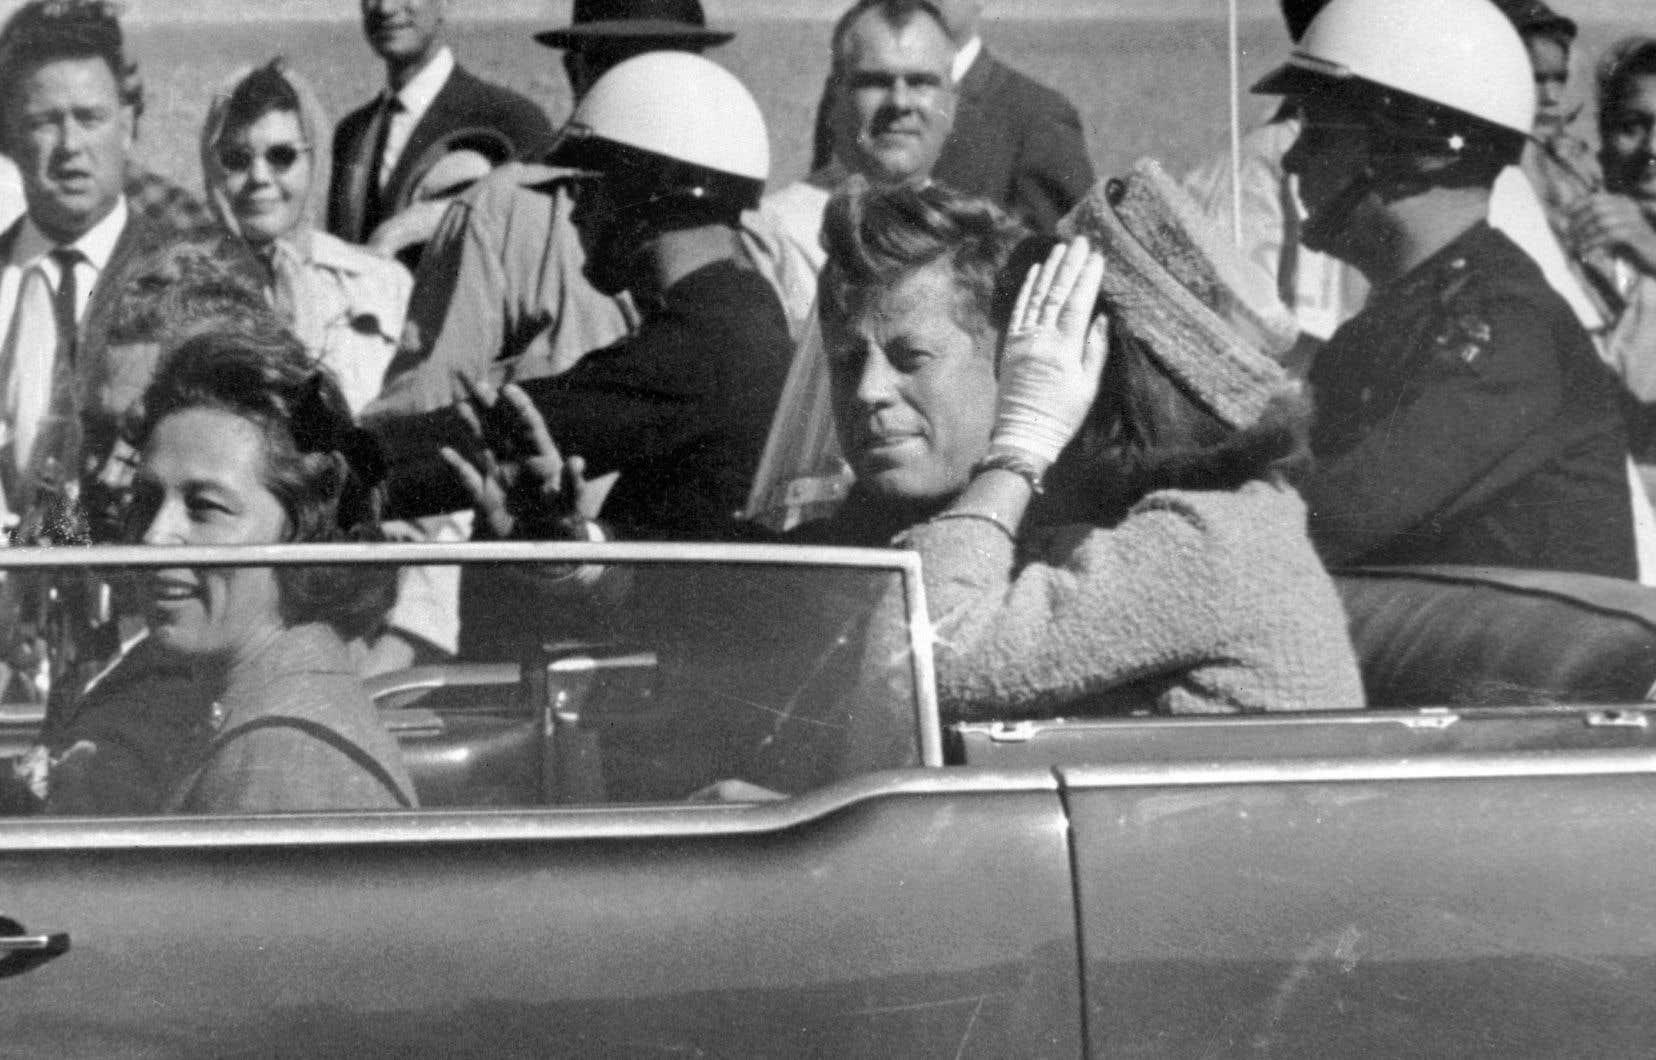 John F. Kennedy et son épouse Jacqueline, le 22 novembre 1963 à Dallas